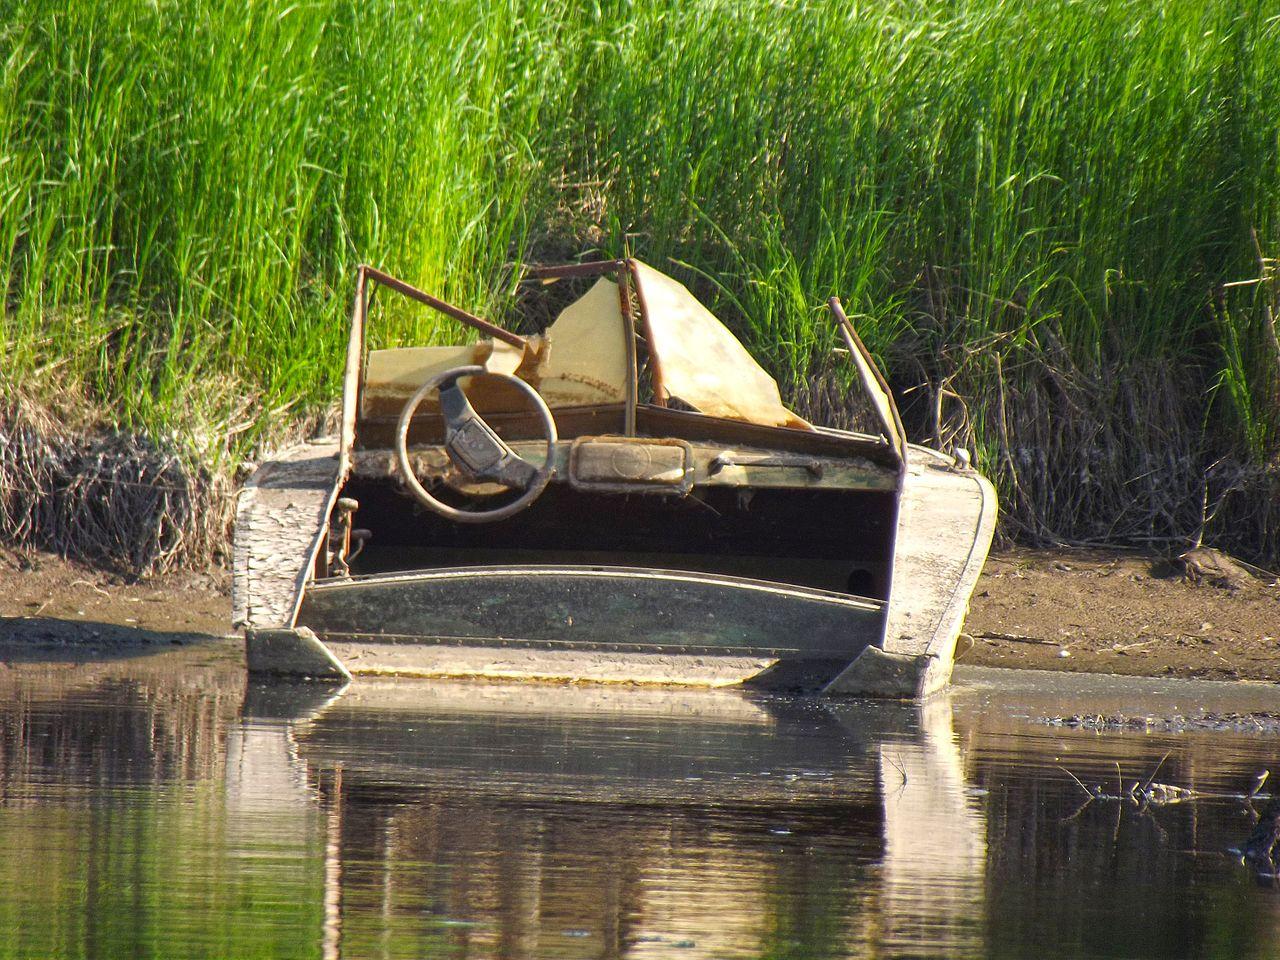 Загадочное ЧП: у берегов Эстонии нашли катер с двумя трупами